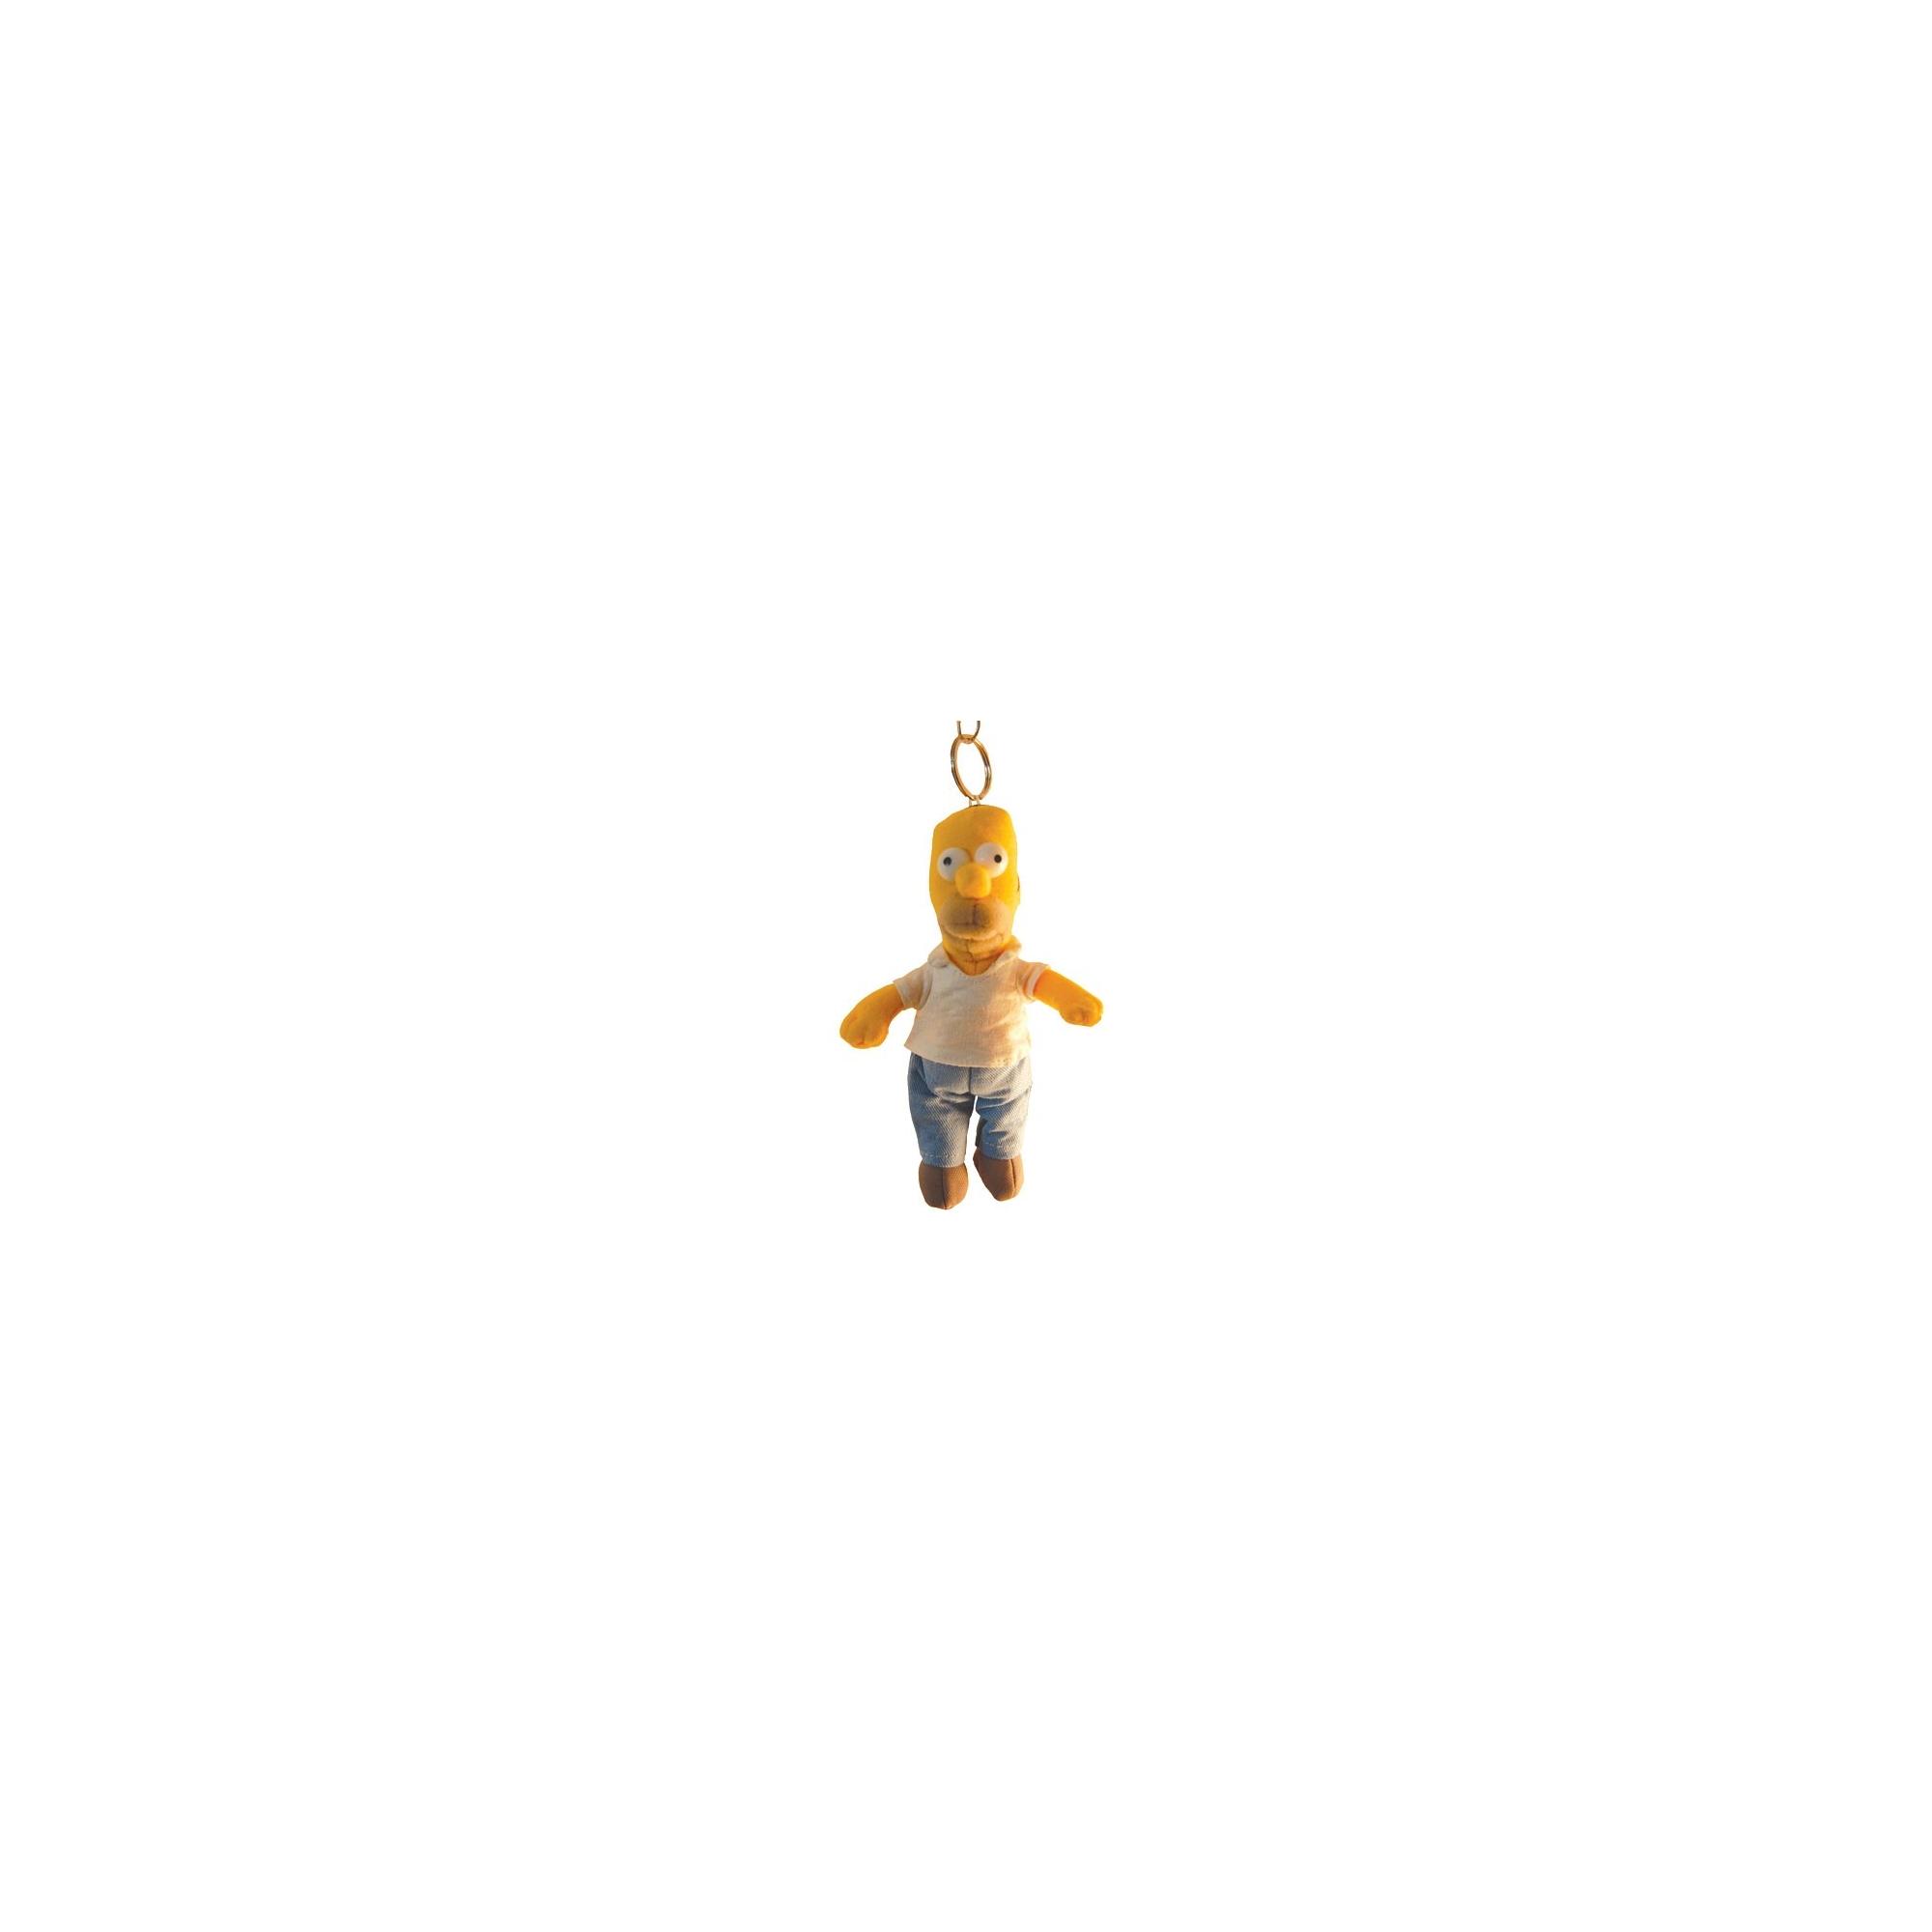 Porte clef homer simpson peluche cl for Collection de porte clefs